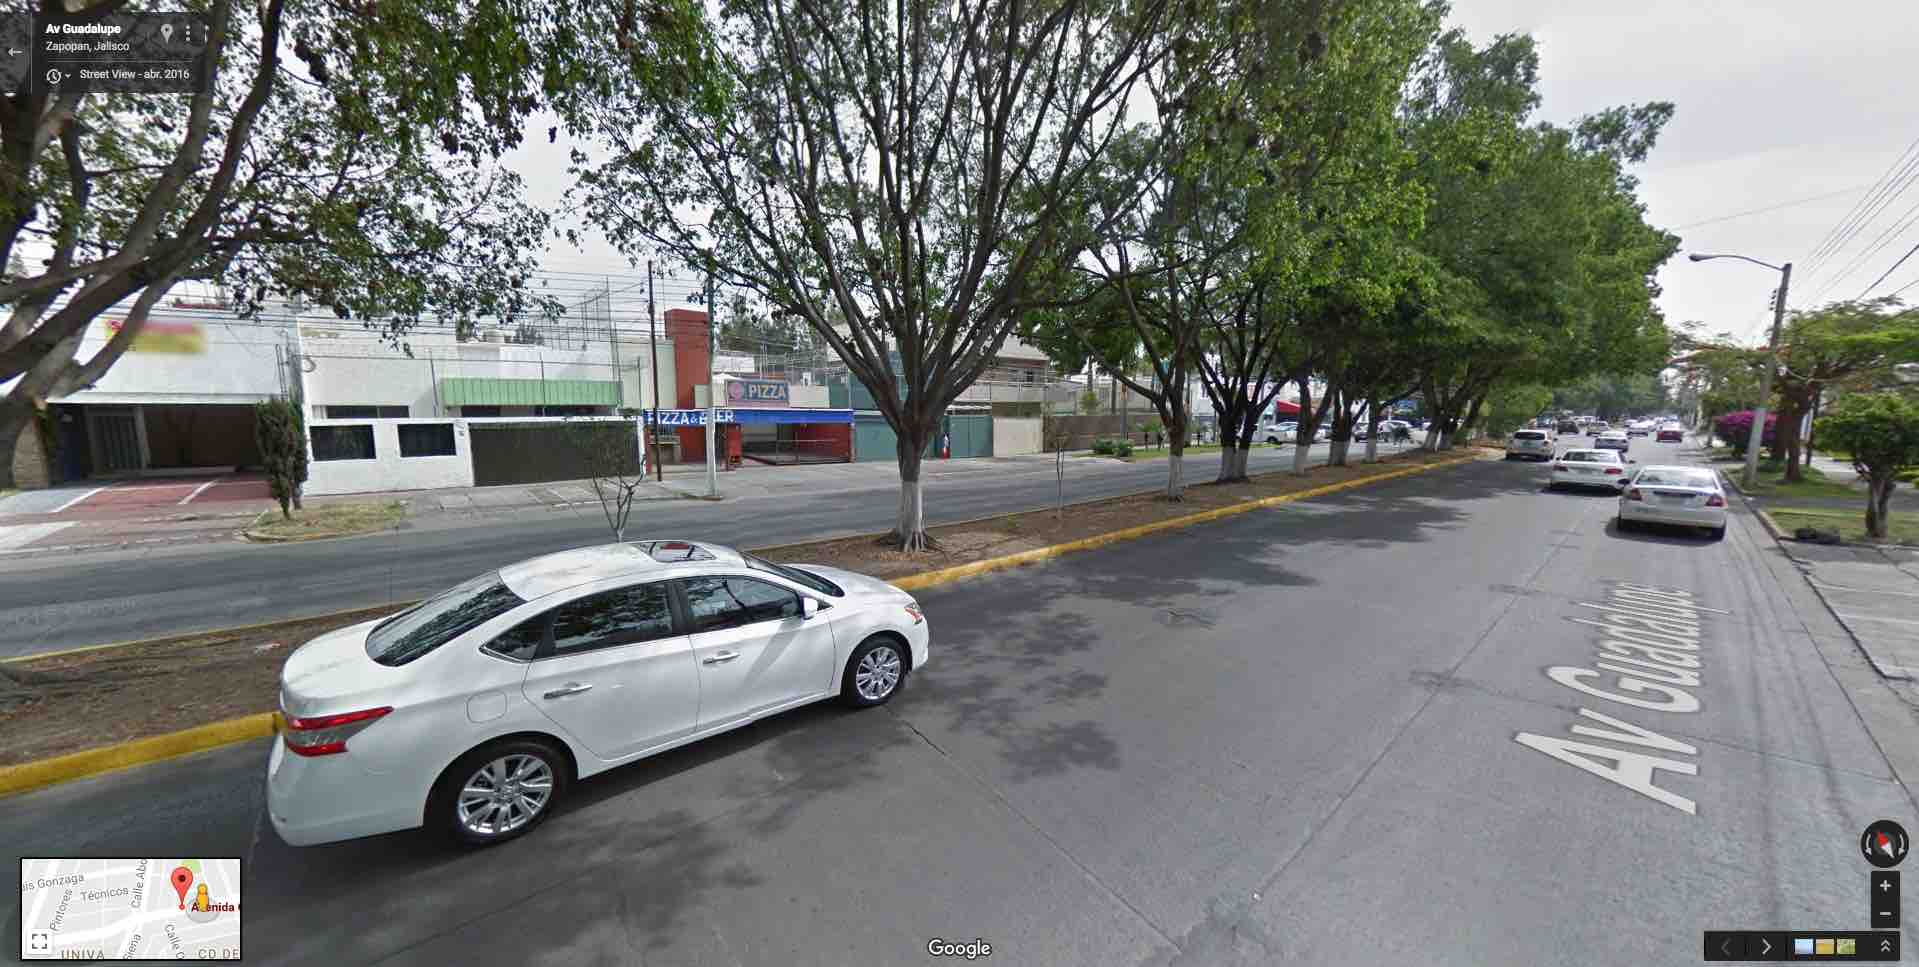 Fracc. Camino Real, Av. Guadalupe 4326